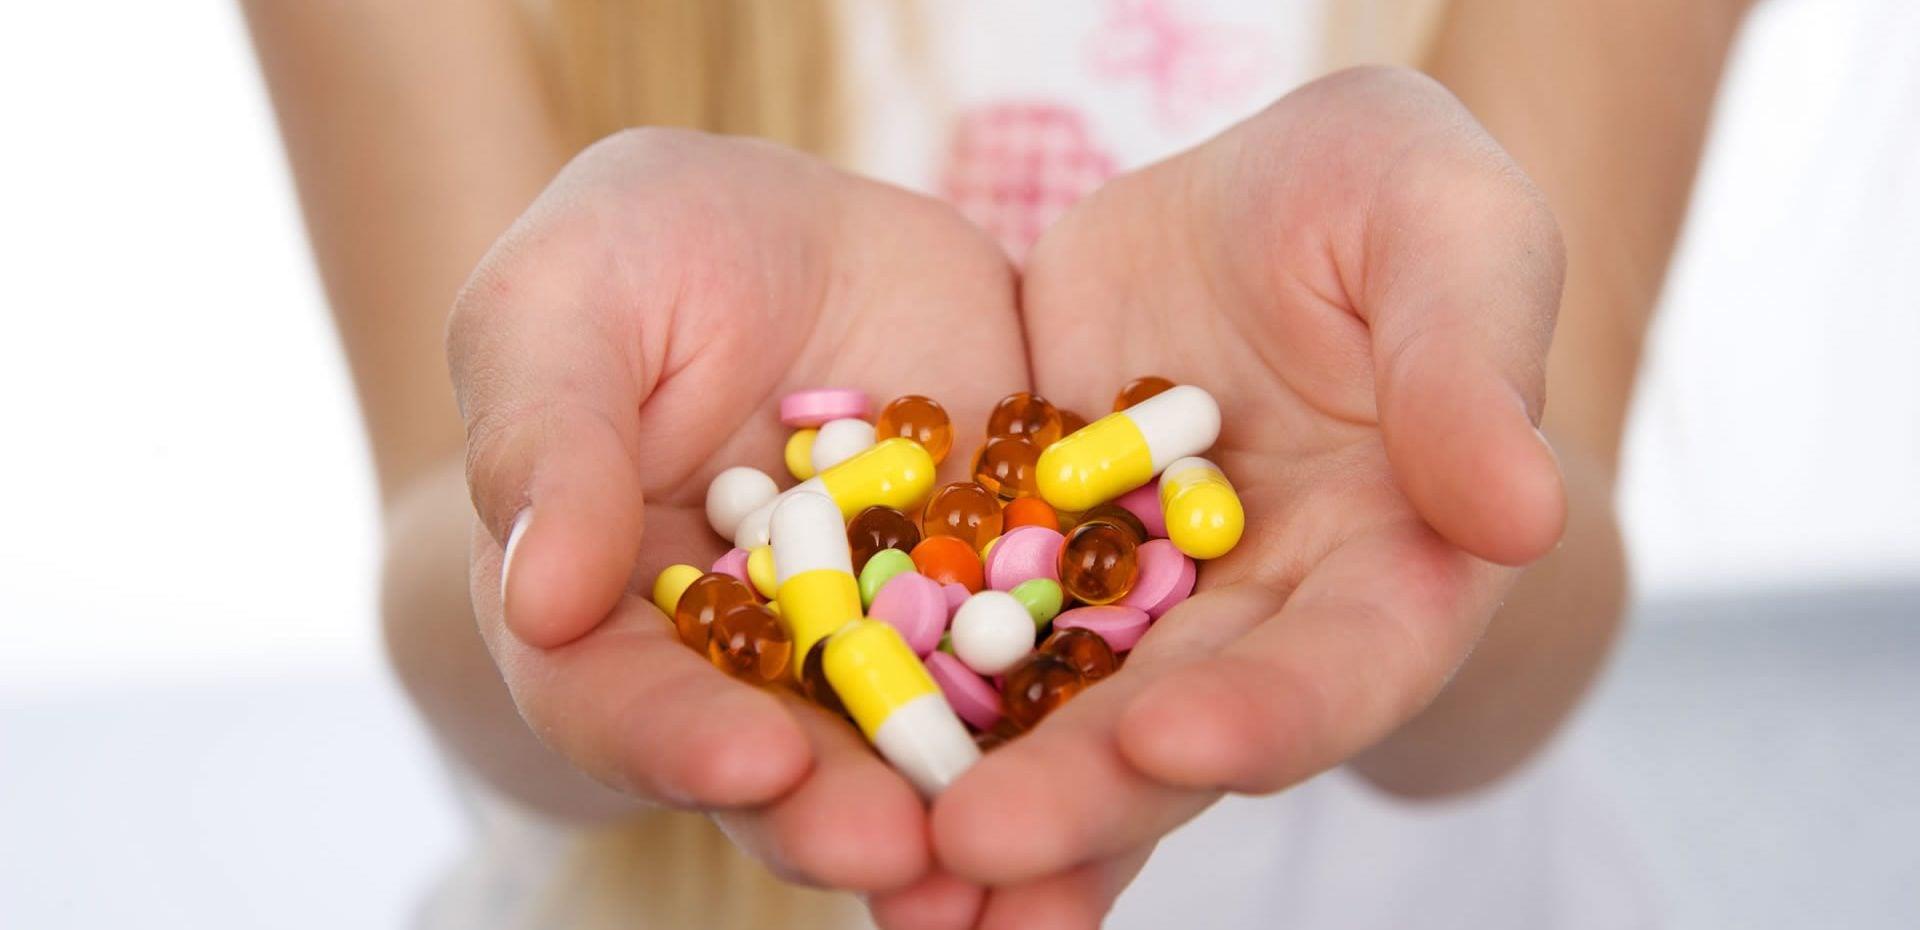 این دارو به  کاهش کلسترول و چربی خونتان کمک می کند